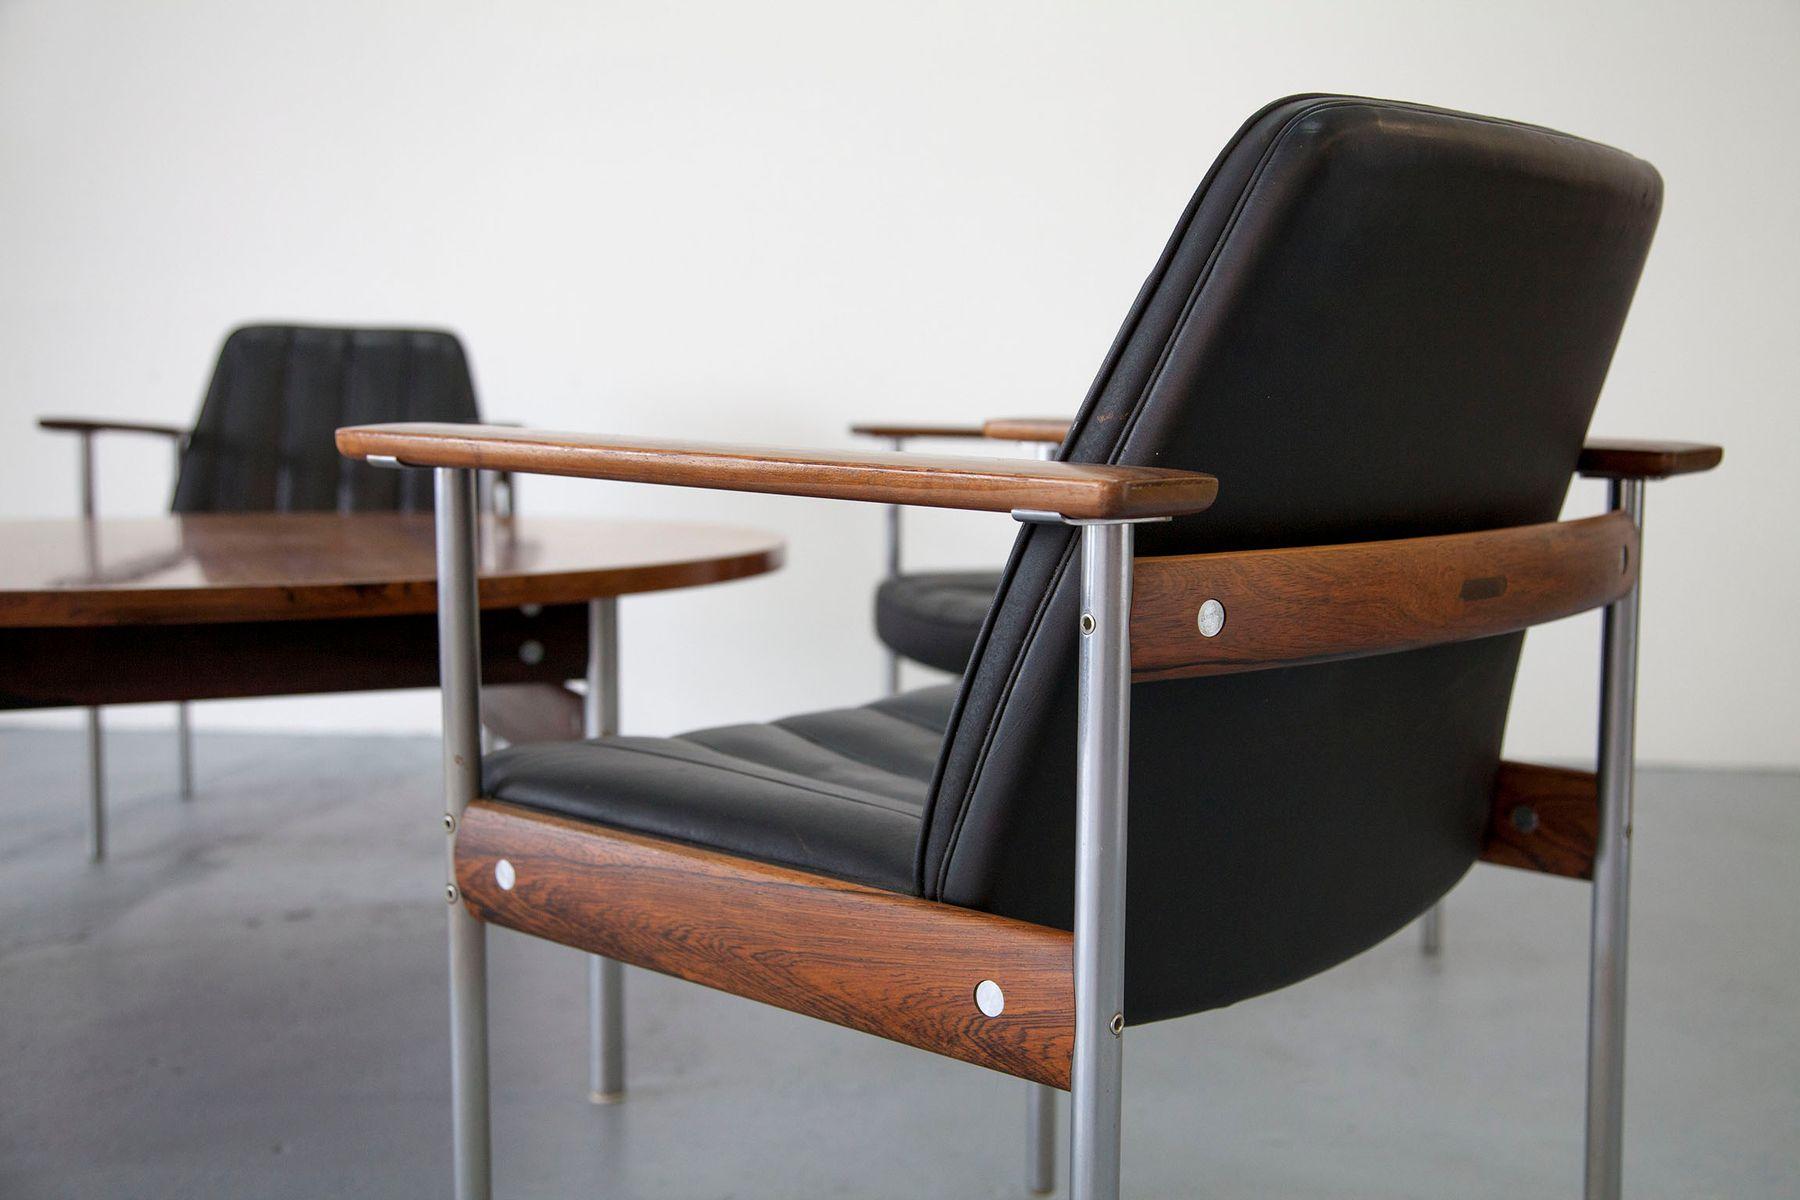 set de salon vintage avec cinq chaises et une table basse par sven ivar dysthe pour dokka en. Black Bedroom Furniture Sets. Home Design Ideas